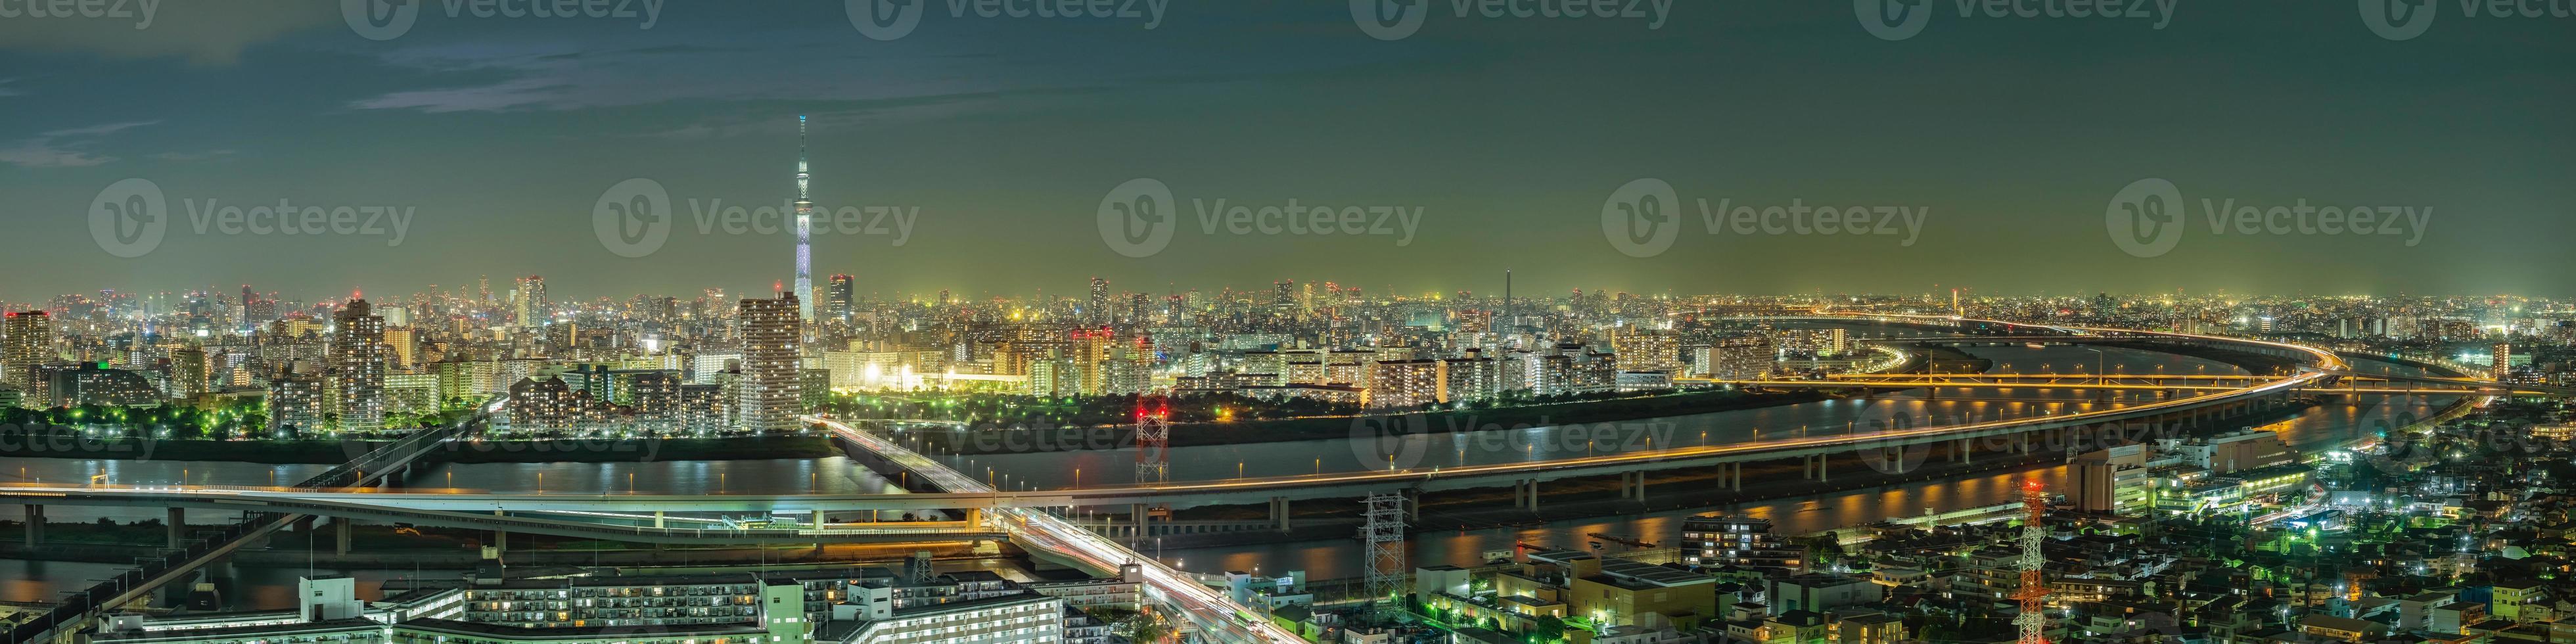 paisaje urbano de tokio, japón, asia foto